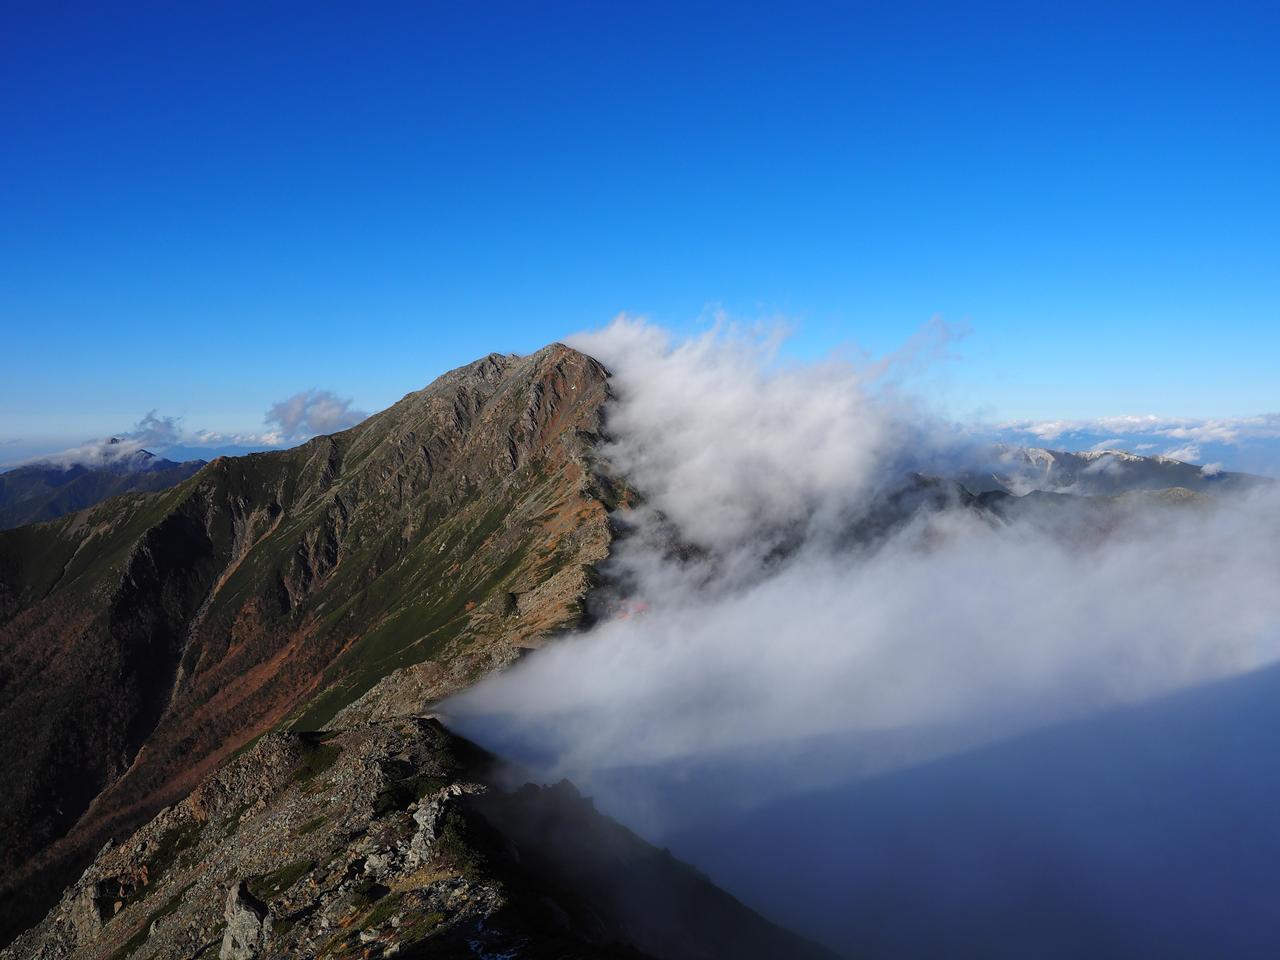 画像: ガイドが試行錯誤を重ね組んだ一年間のカリキュラム 目標となる北岳登頂は努力の結晶になり あなたの最高の思い出の一つとなるでしょう